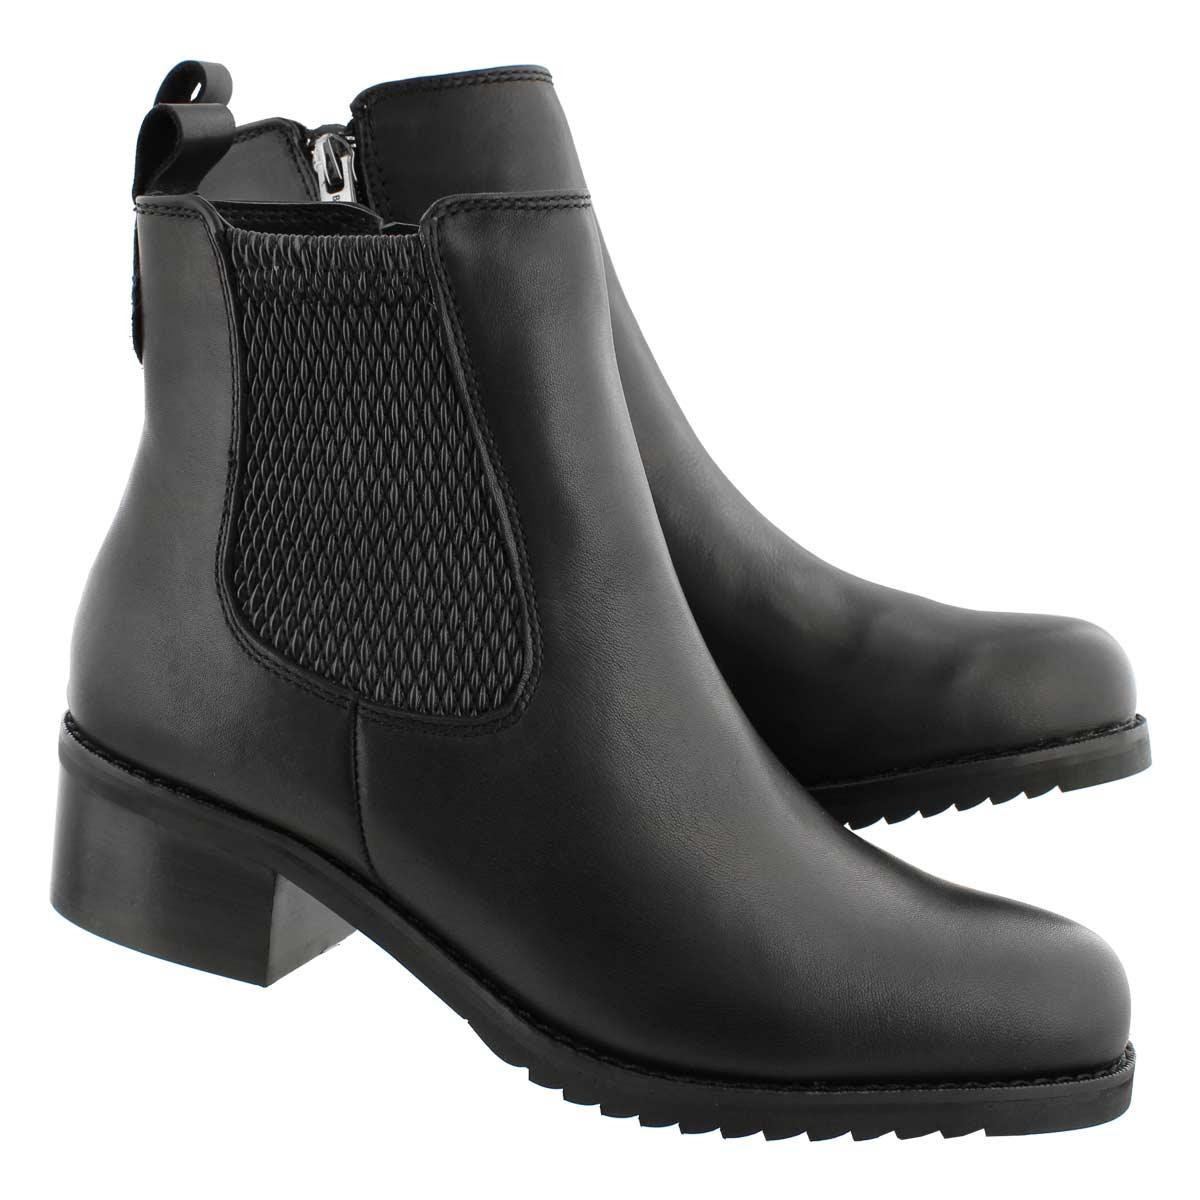 Lds Belle blk wtpf zip chelsea boot